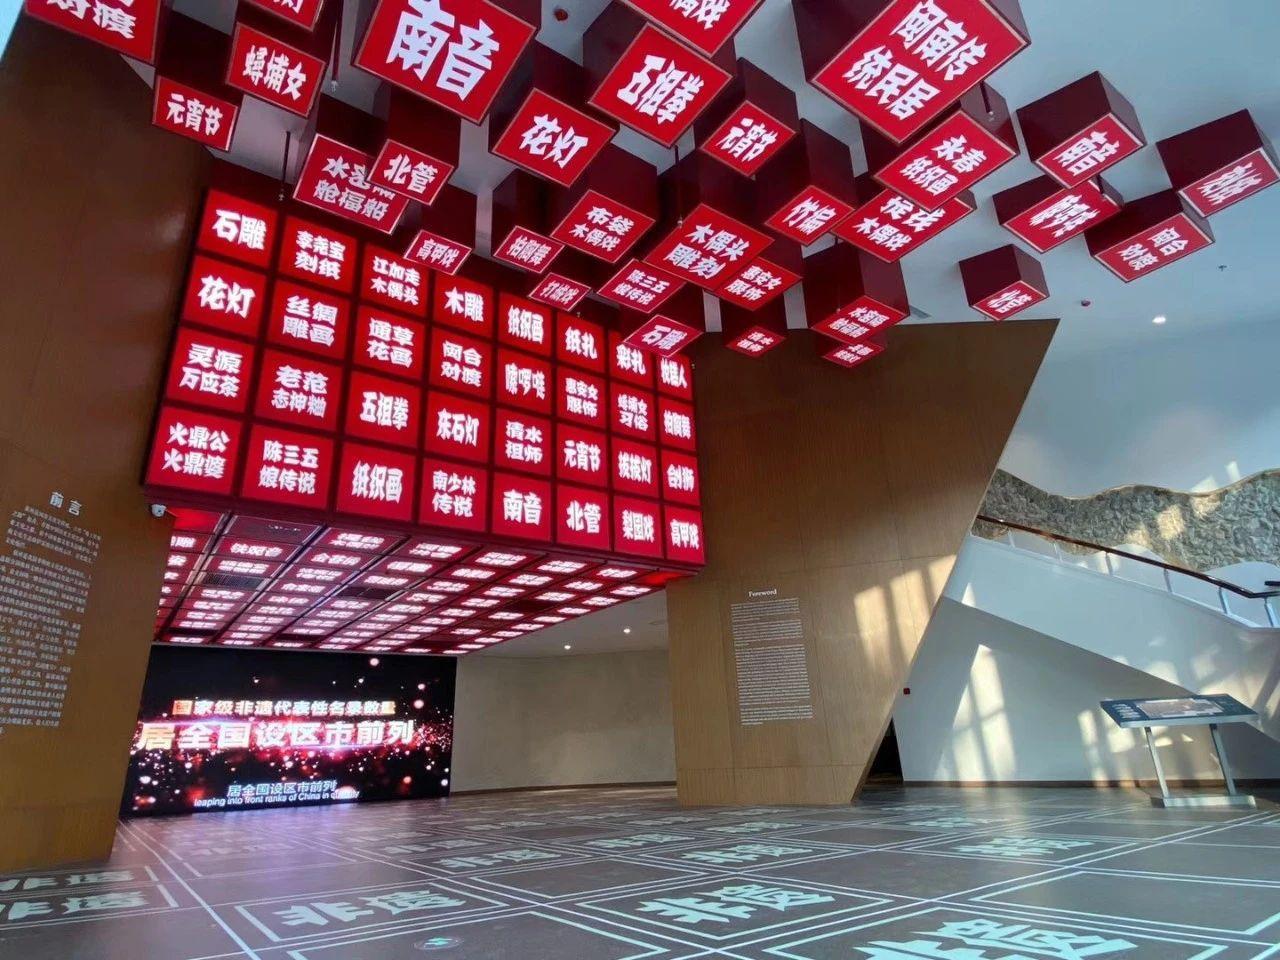 泉州非物质文化遗产展览馆